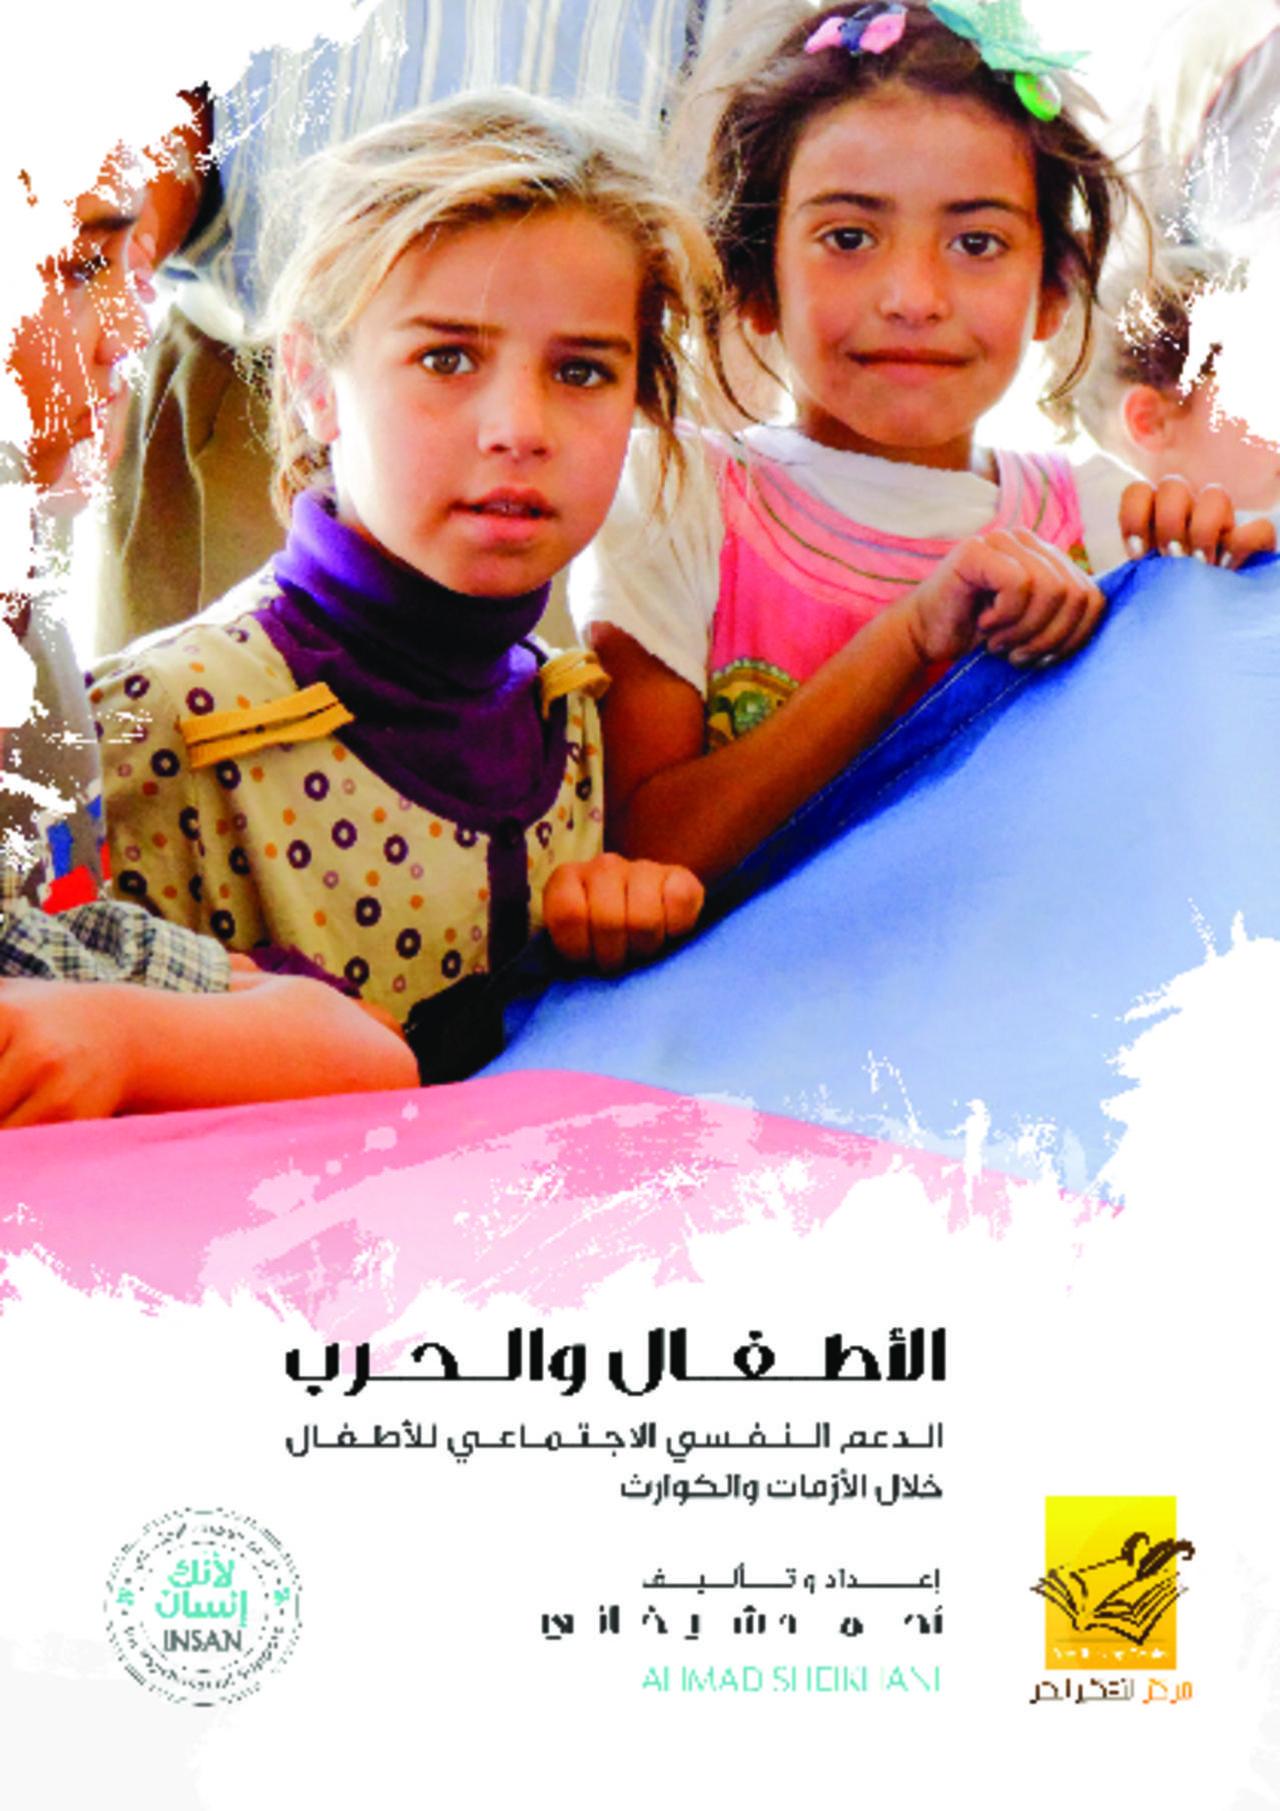 الدعم النفسي الاجتماعي للأطفال خلال الكوارث والأزمات